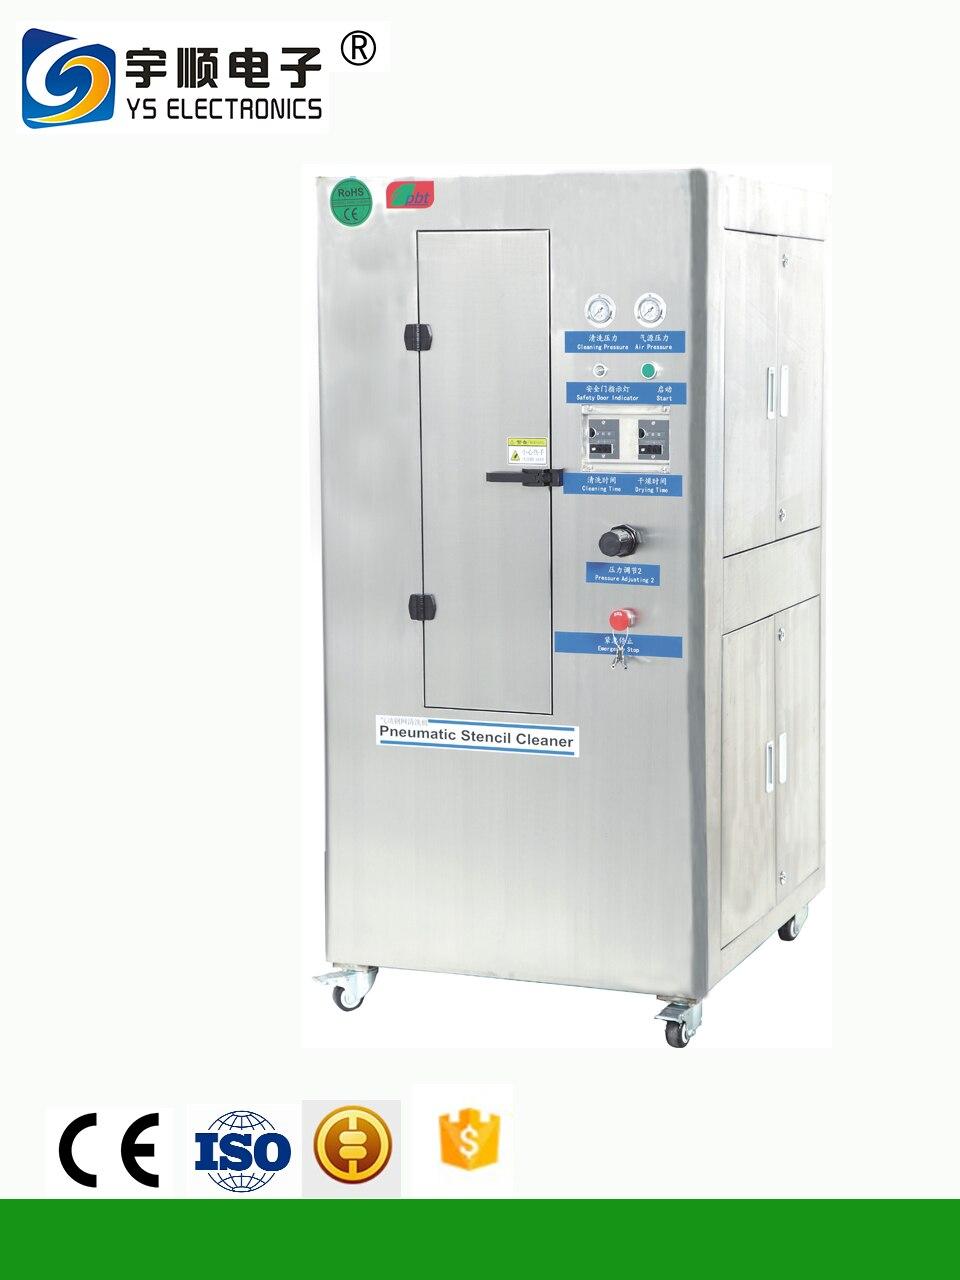 Glorioso Sistema De Limpieza De Esténcil Neumático 304 Acero Inoxidable Smt Plantilla Limpieza Machine-ys-750 Meticulosos Procesos De TeñIdo